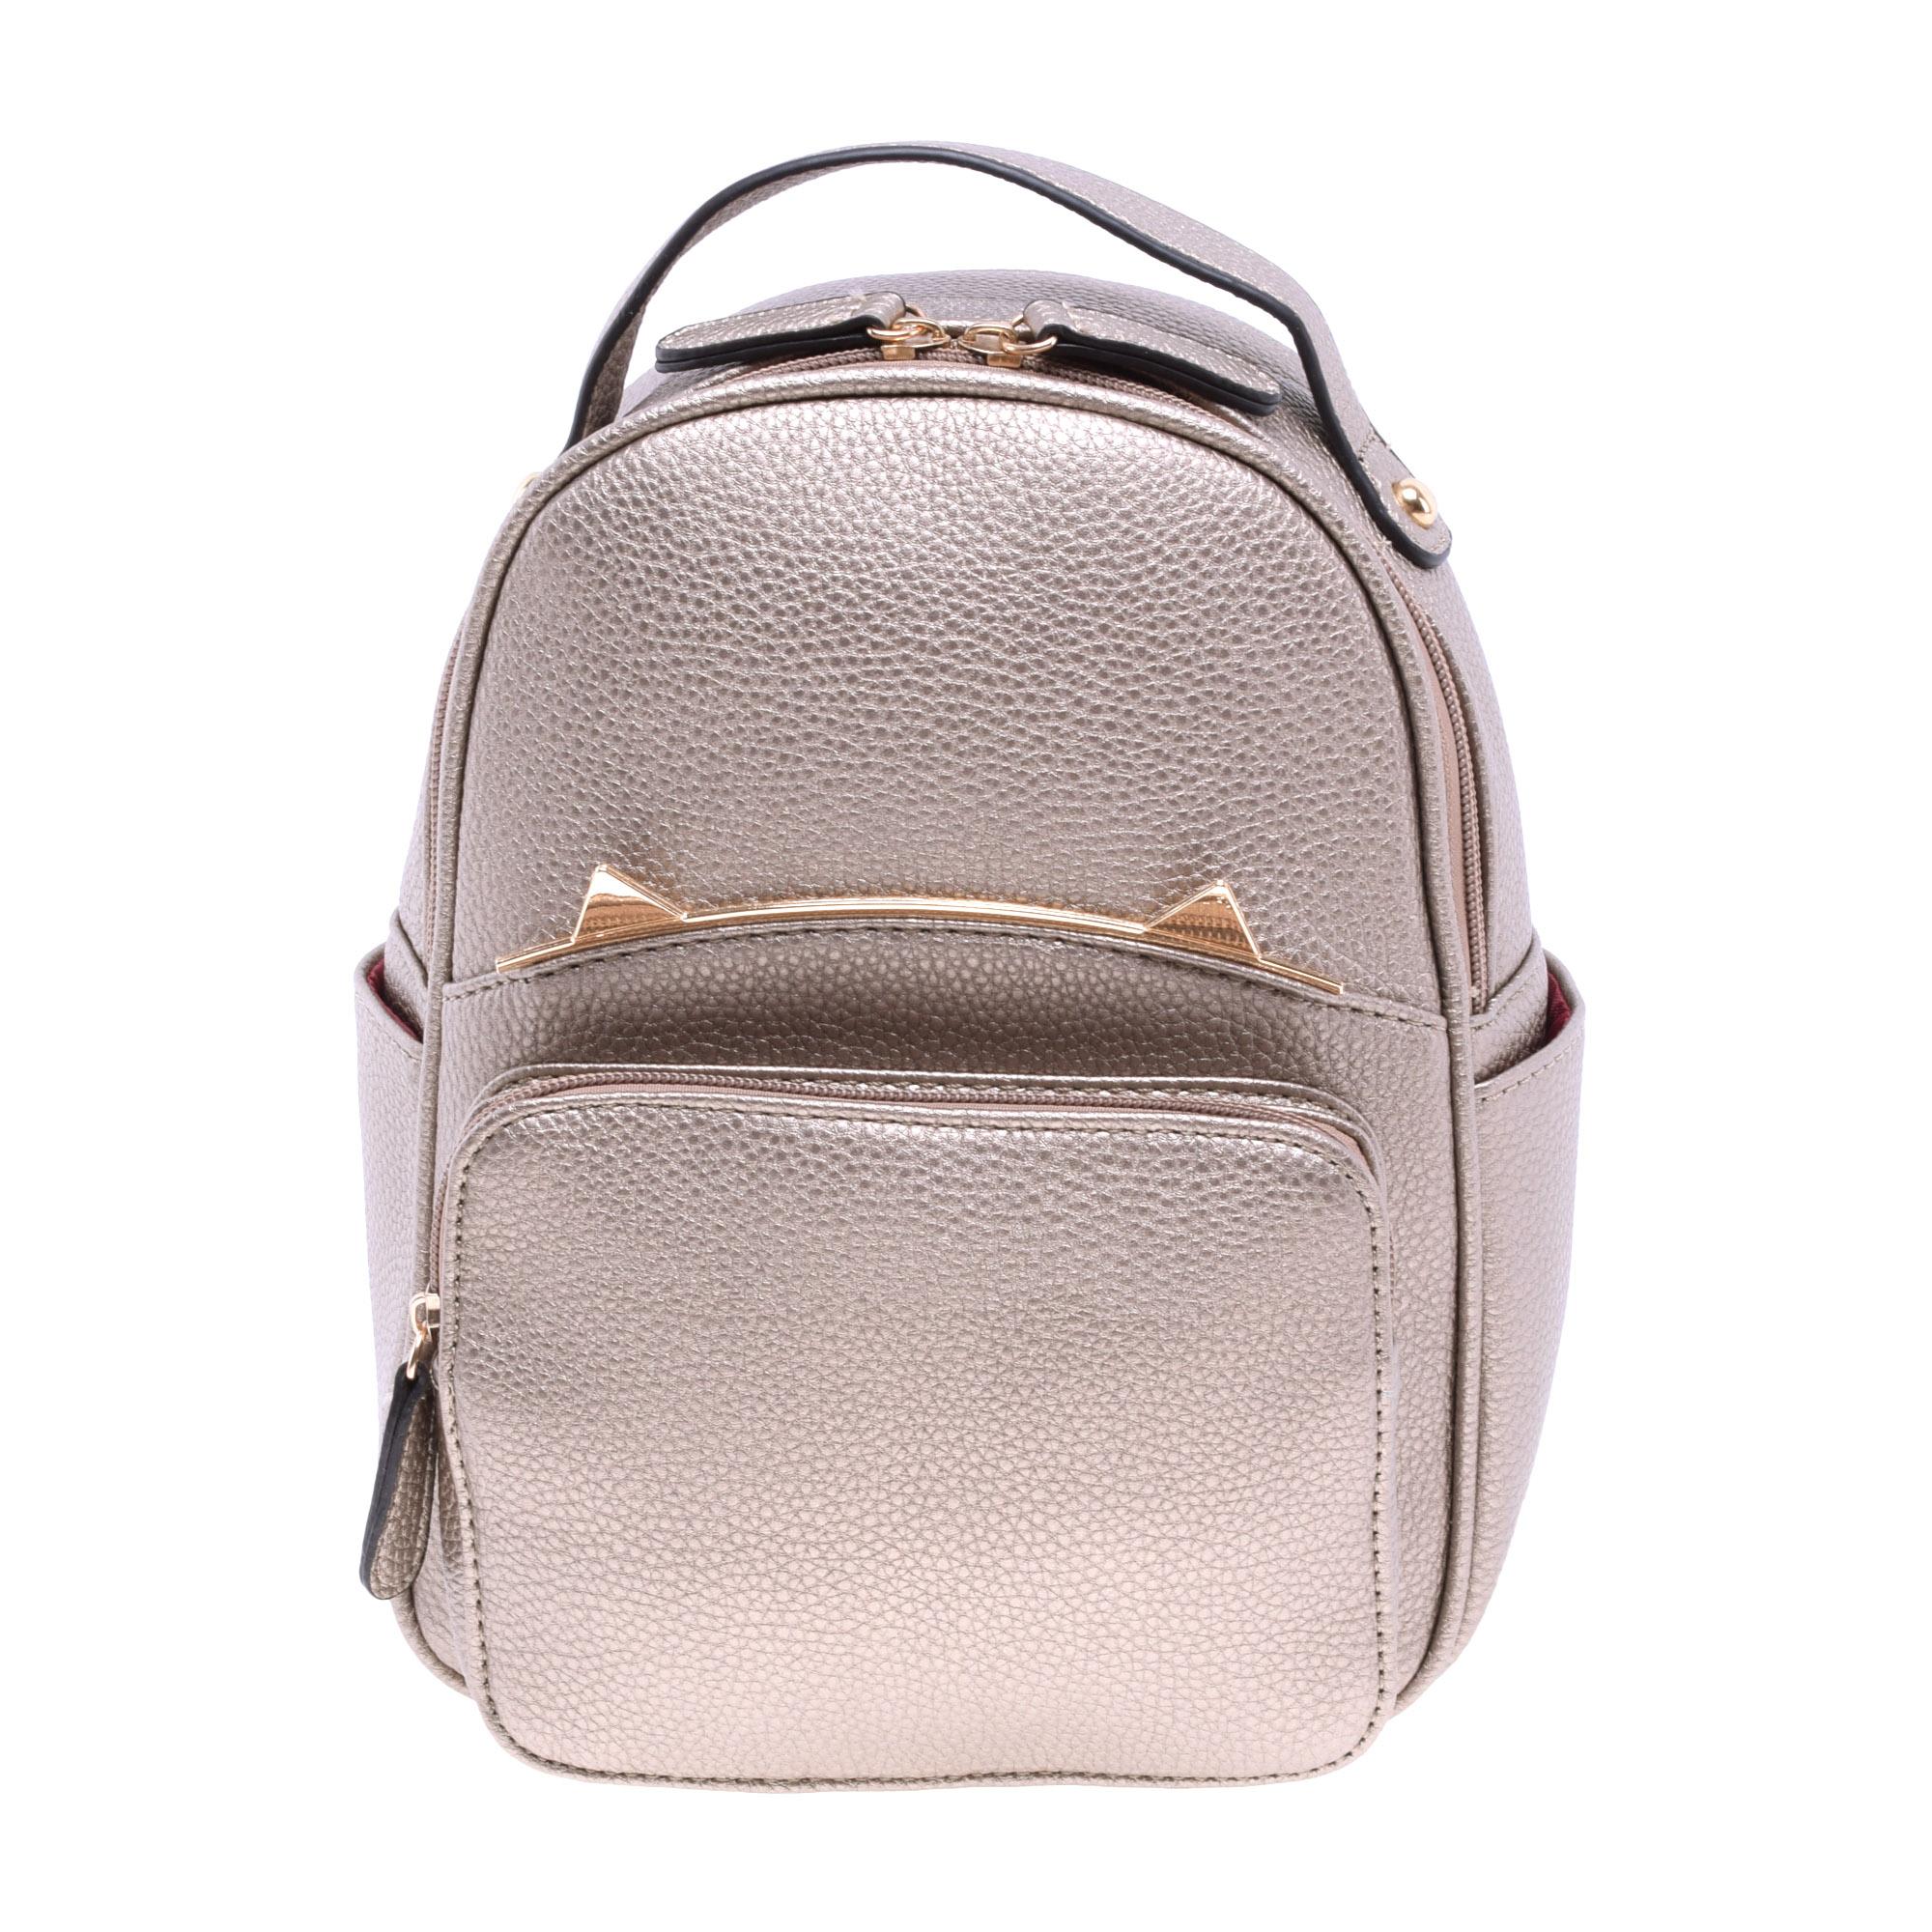 114e0730a103 Besty Női ksiméretű Műbőr Hátizsák Arany - Műbőr - Táska webáruház -  Minőségi táskák mindenkinek